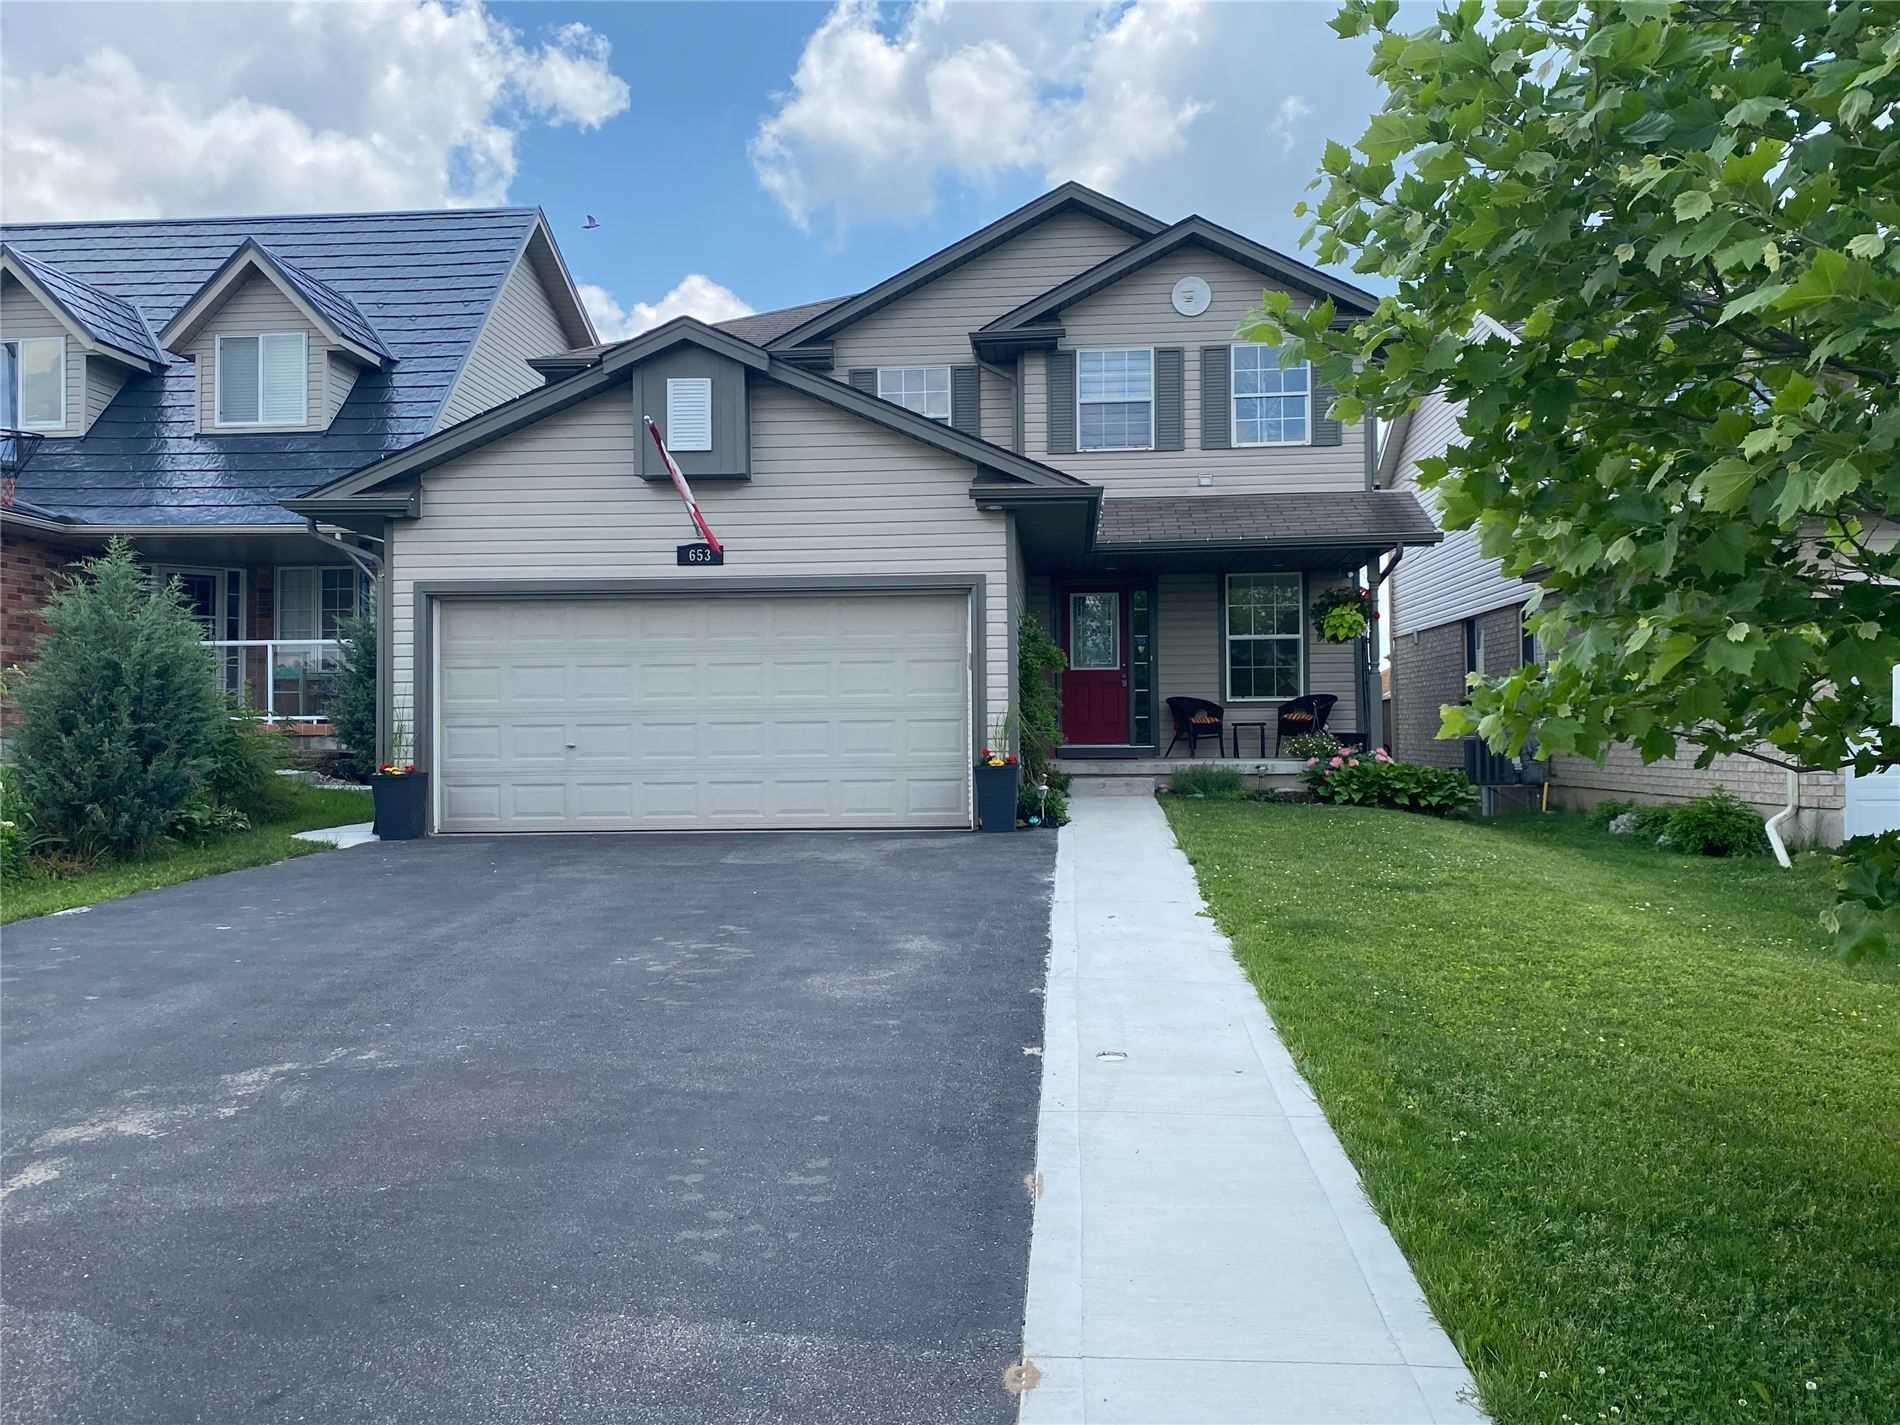 653 Grange Rd, Guelph, Ontario N1E 7K8, 4 Bedrooms Bedrooms, ,3 BathroomsBathrooms,Detached,For Sale,Grange,X5273349